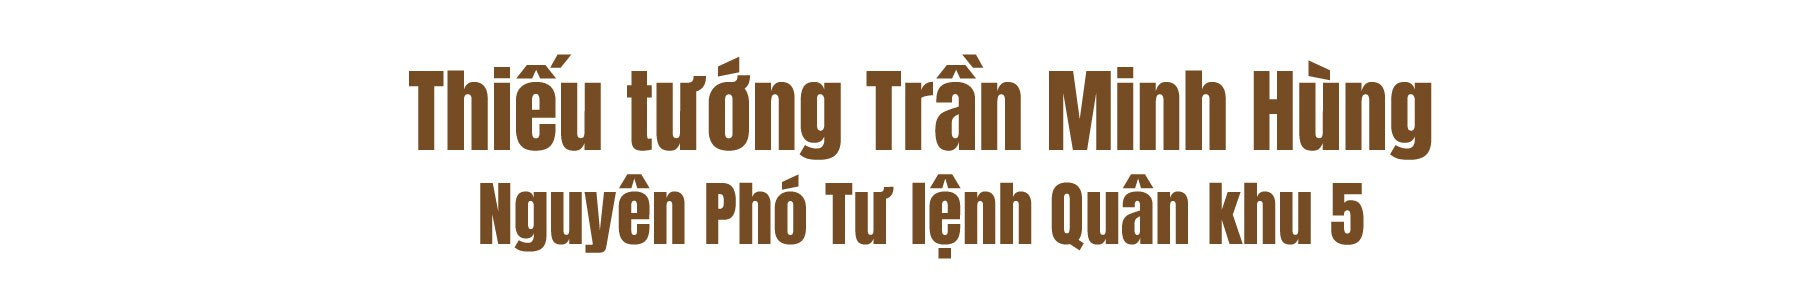 """[eMagazine] Tướng về hưu Đà Nẵng: Vũ """"nhôm"""" từng hăm dọa chủ tịch TP? - Ảnh 5."""